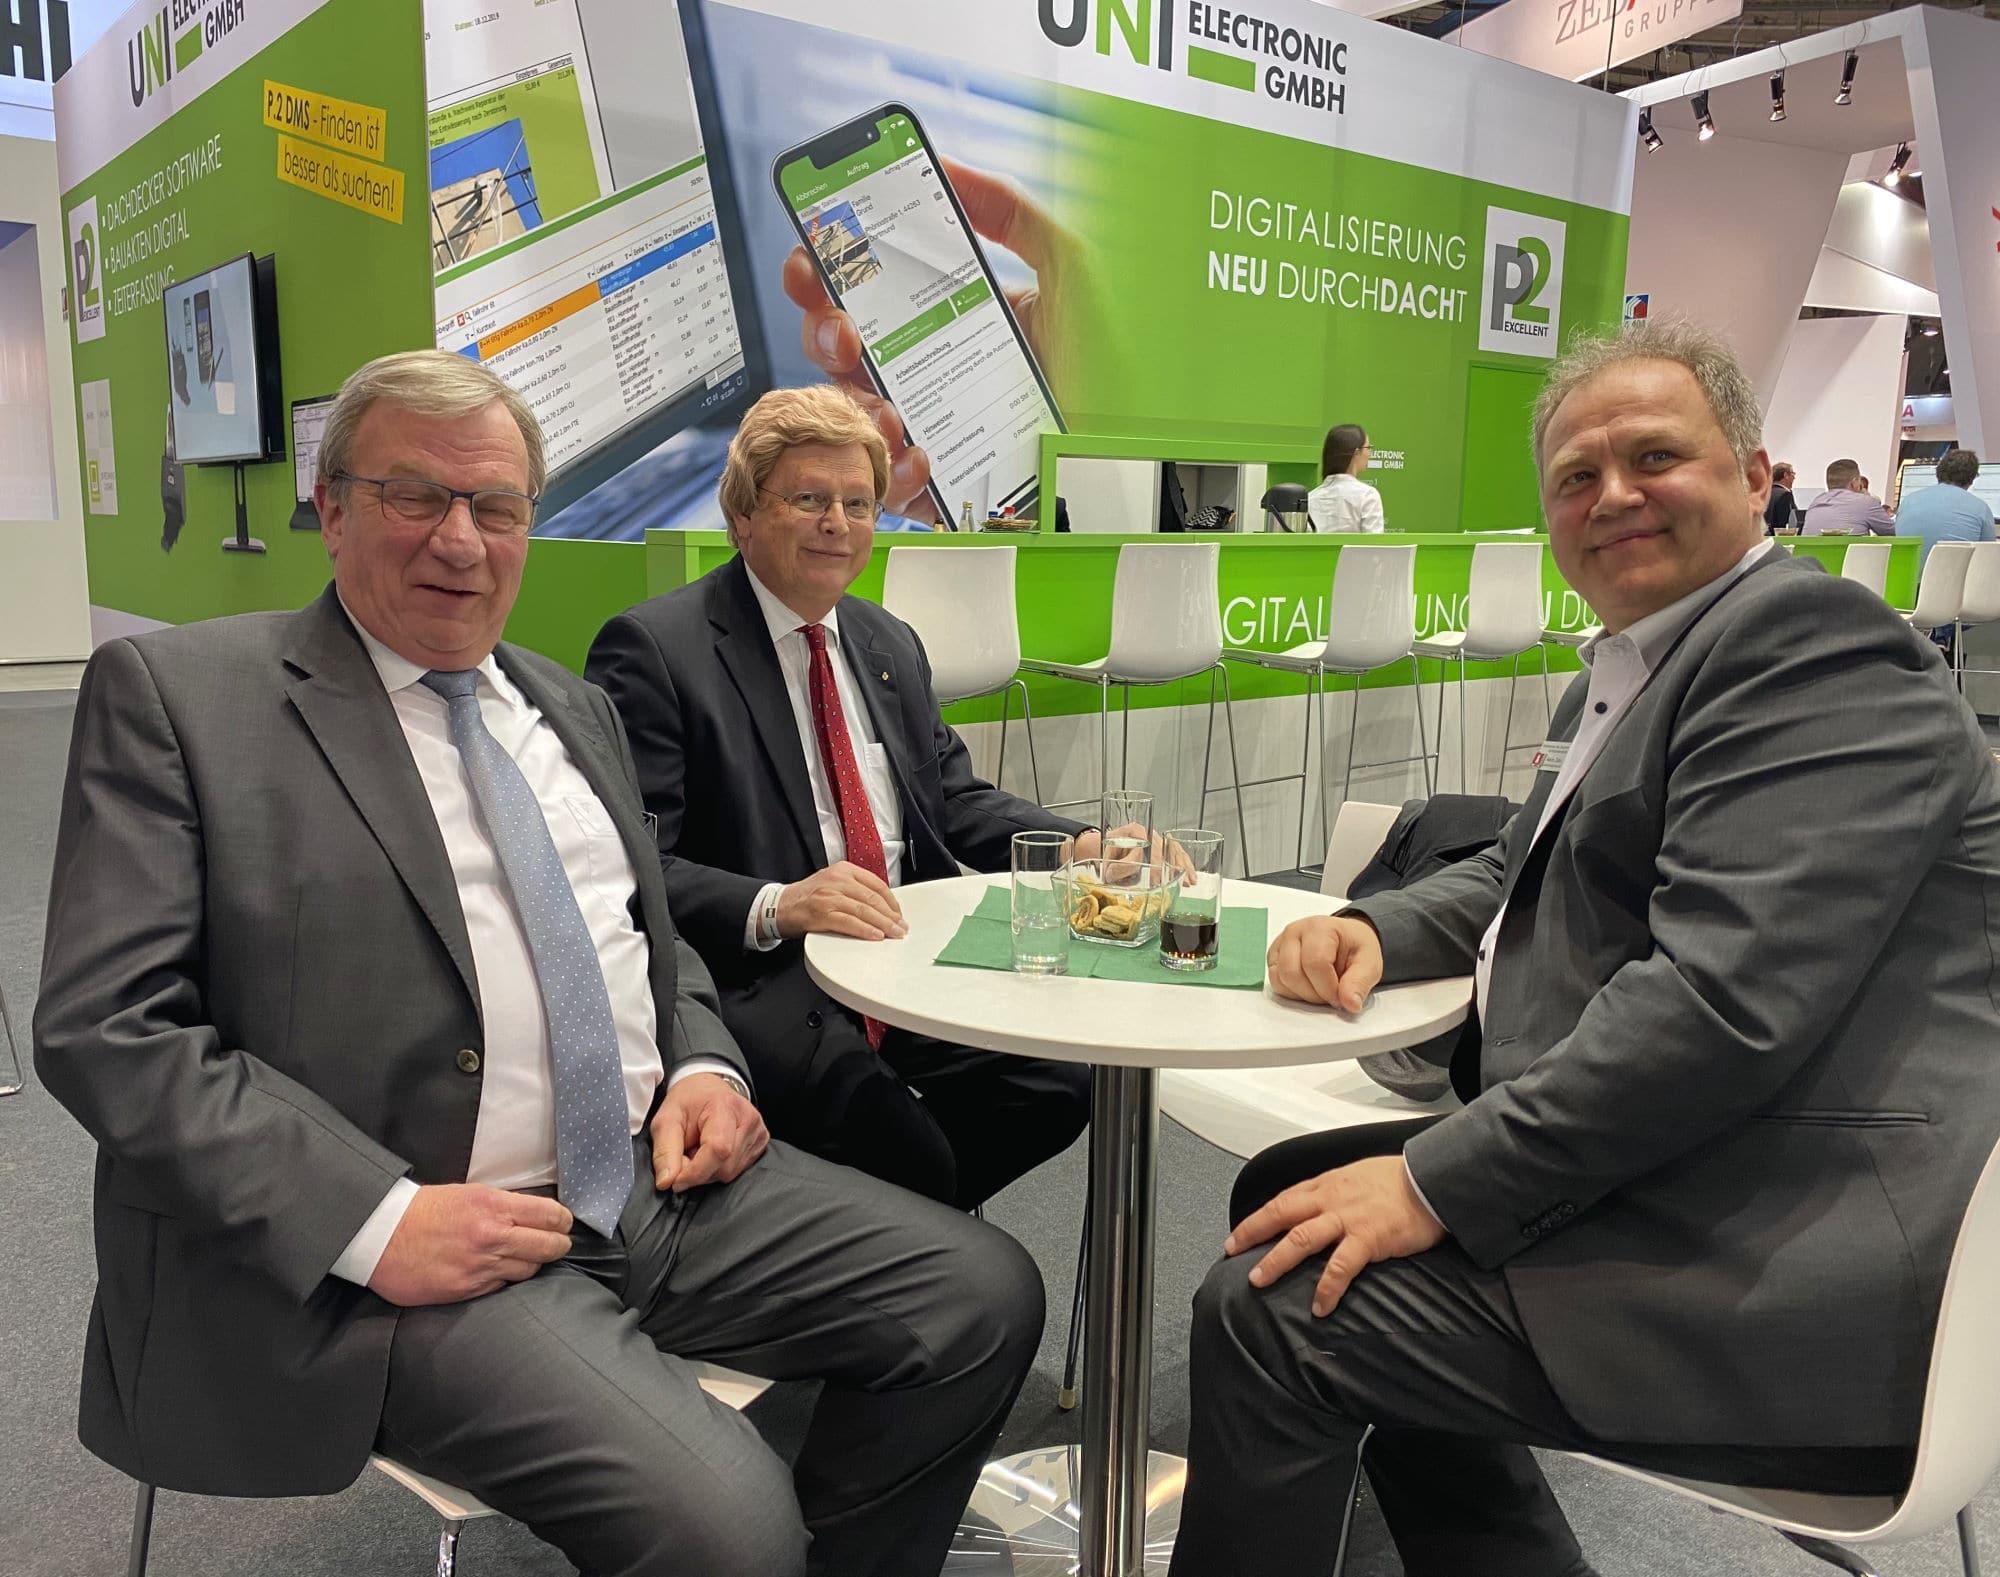 Herr Wohlert (Hauptgeschäftsführer DD-Innung Hamburg, mitte), Herr Zahn (Obermeister DD-Innung Hamburg, rechts), und unser Systemberater Herr Rassmann (links)